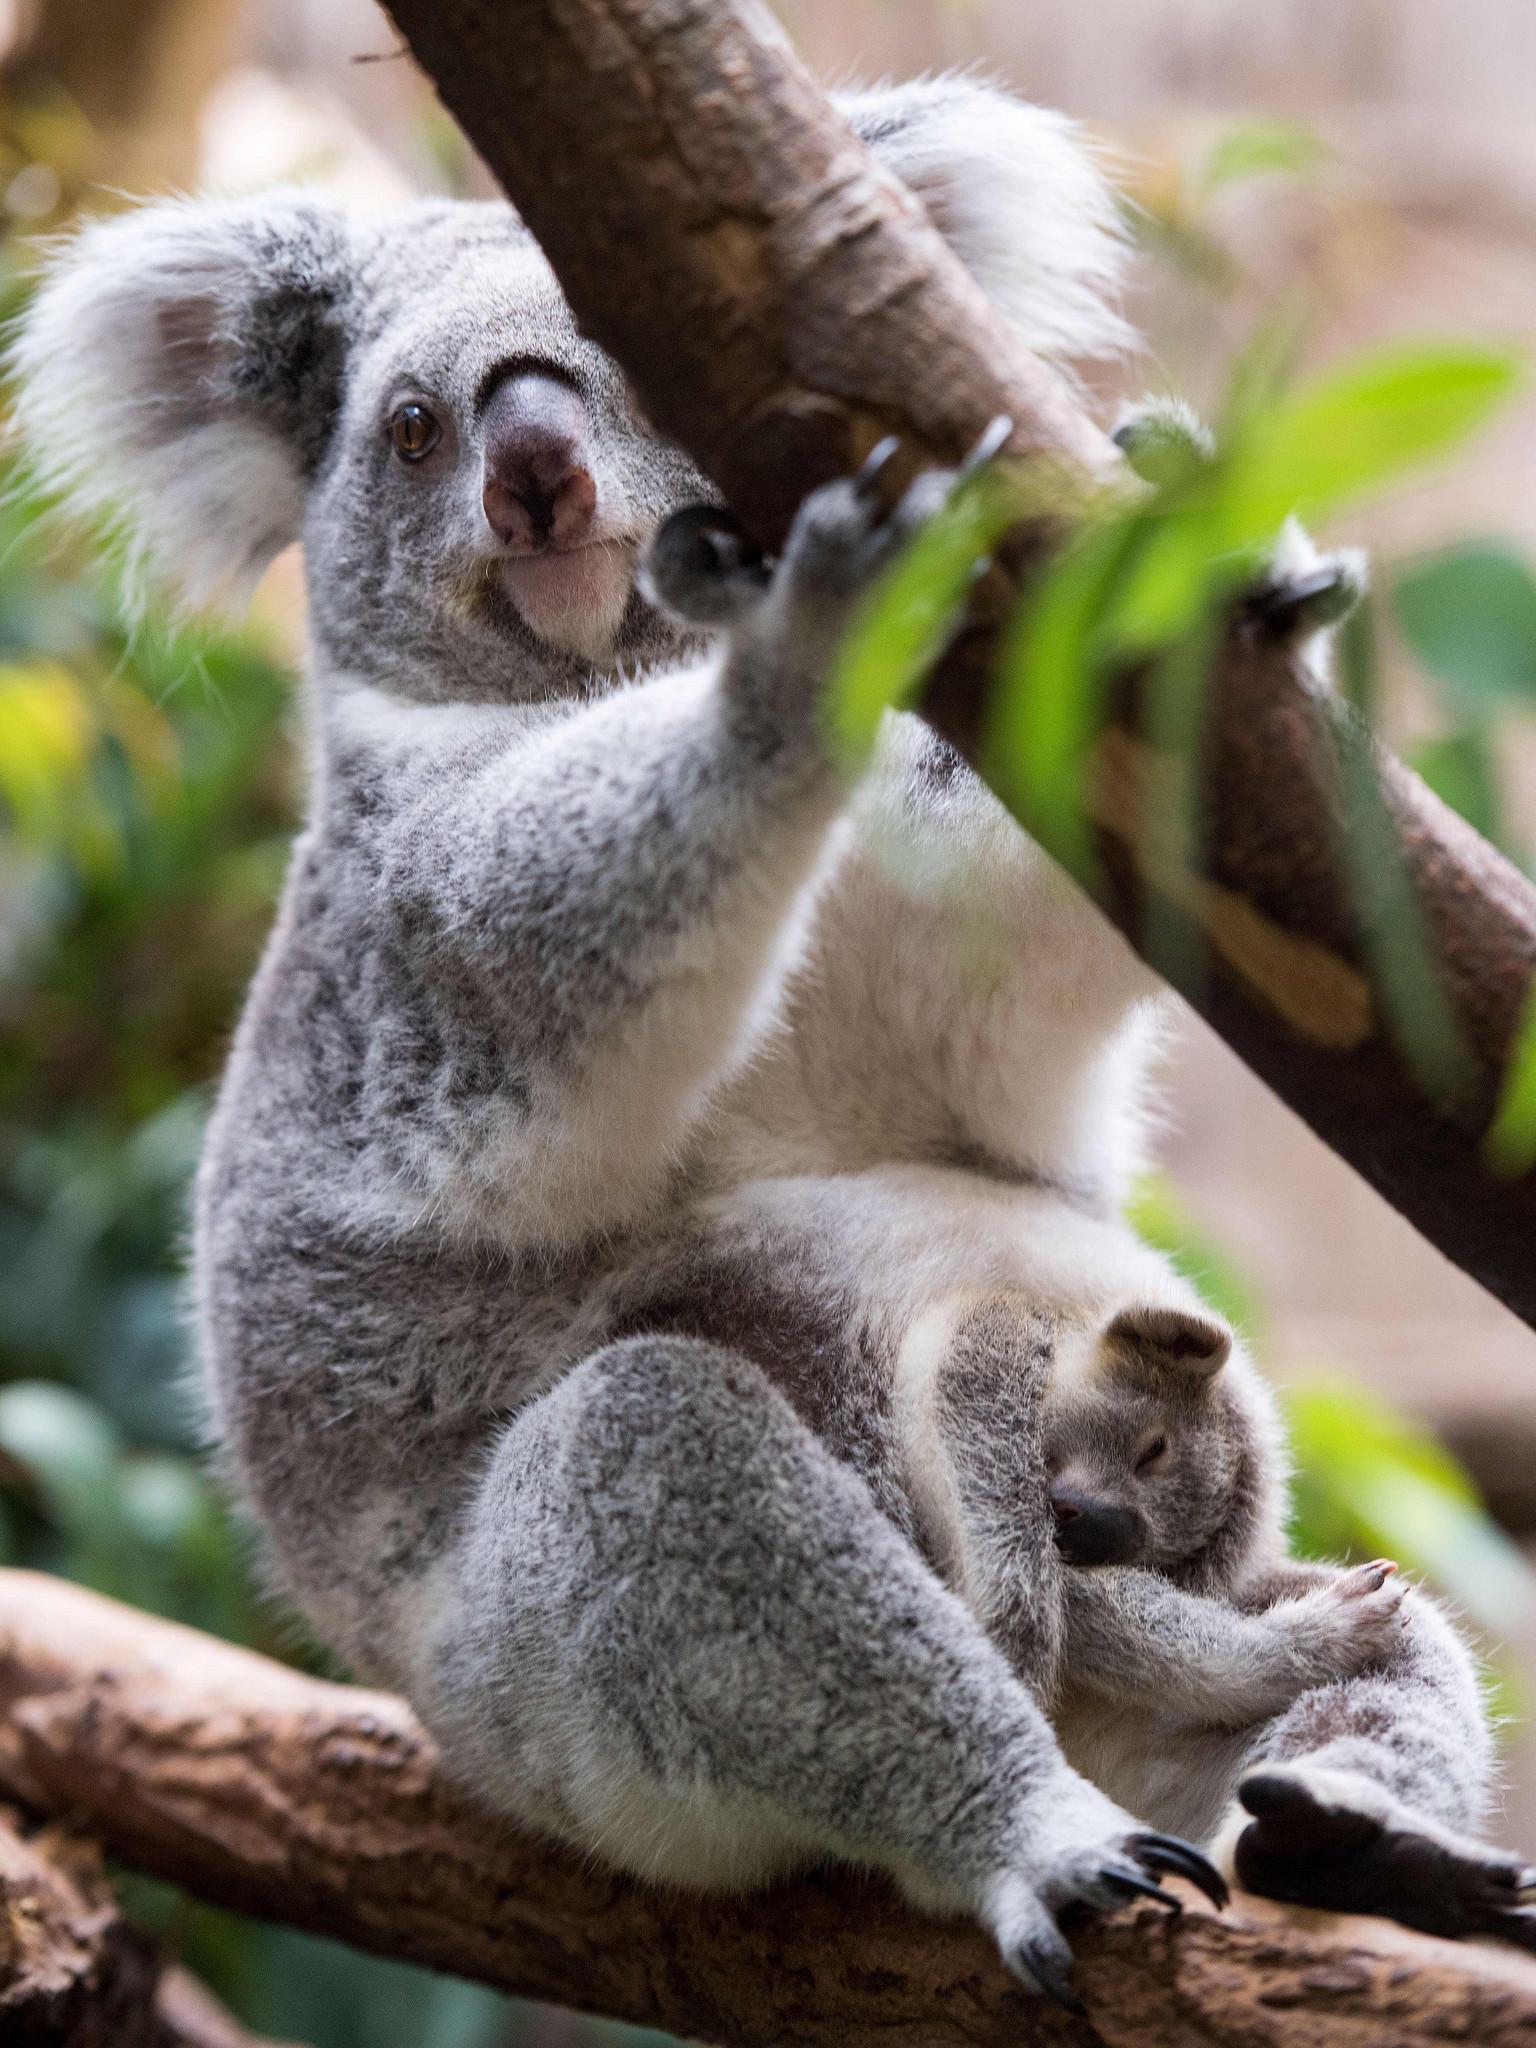 德国动物园考拉呆萌可爱图片